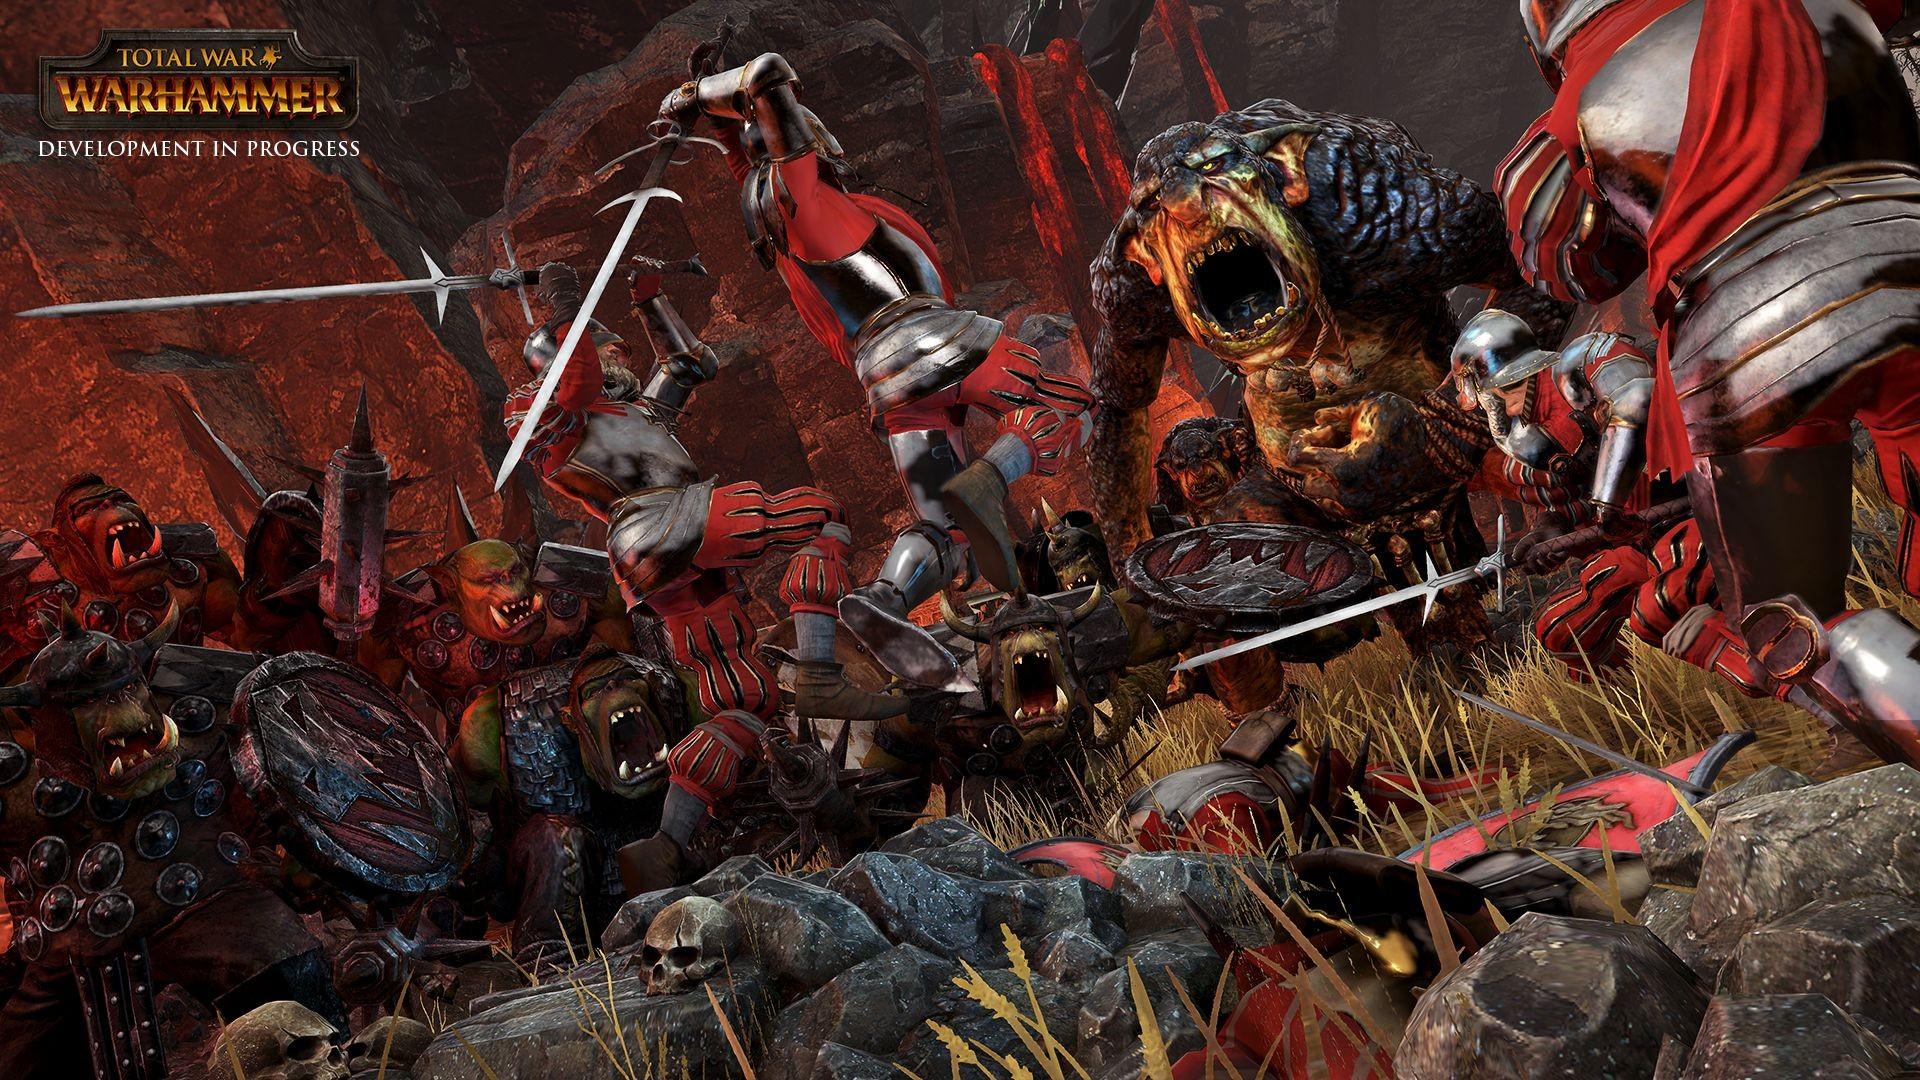 General 1920x1080 Total War: Warhammer orcs Fantasy Battle Warhammer PC gaming